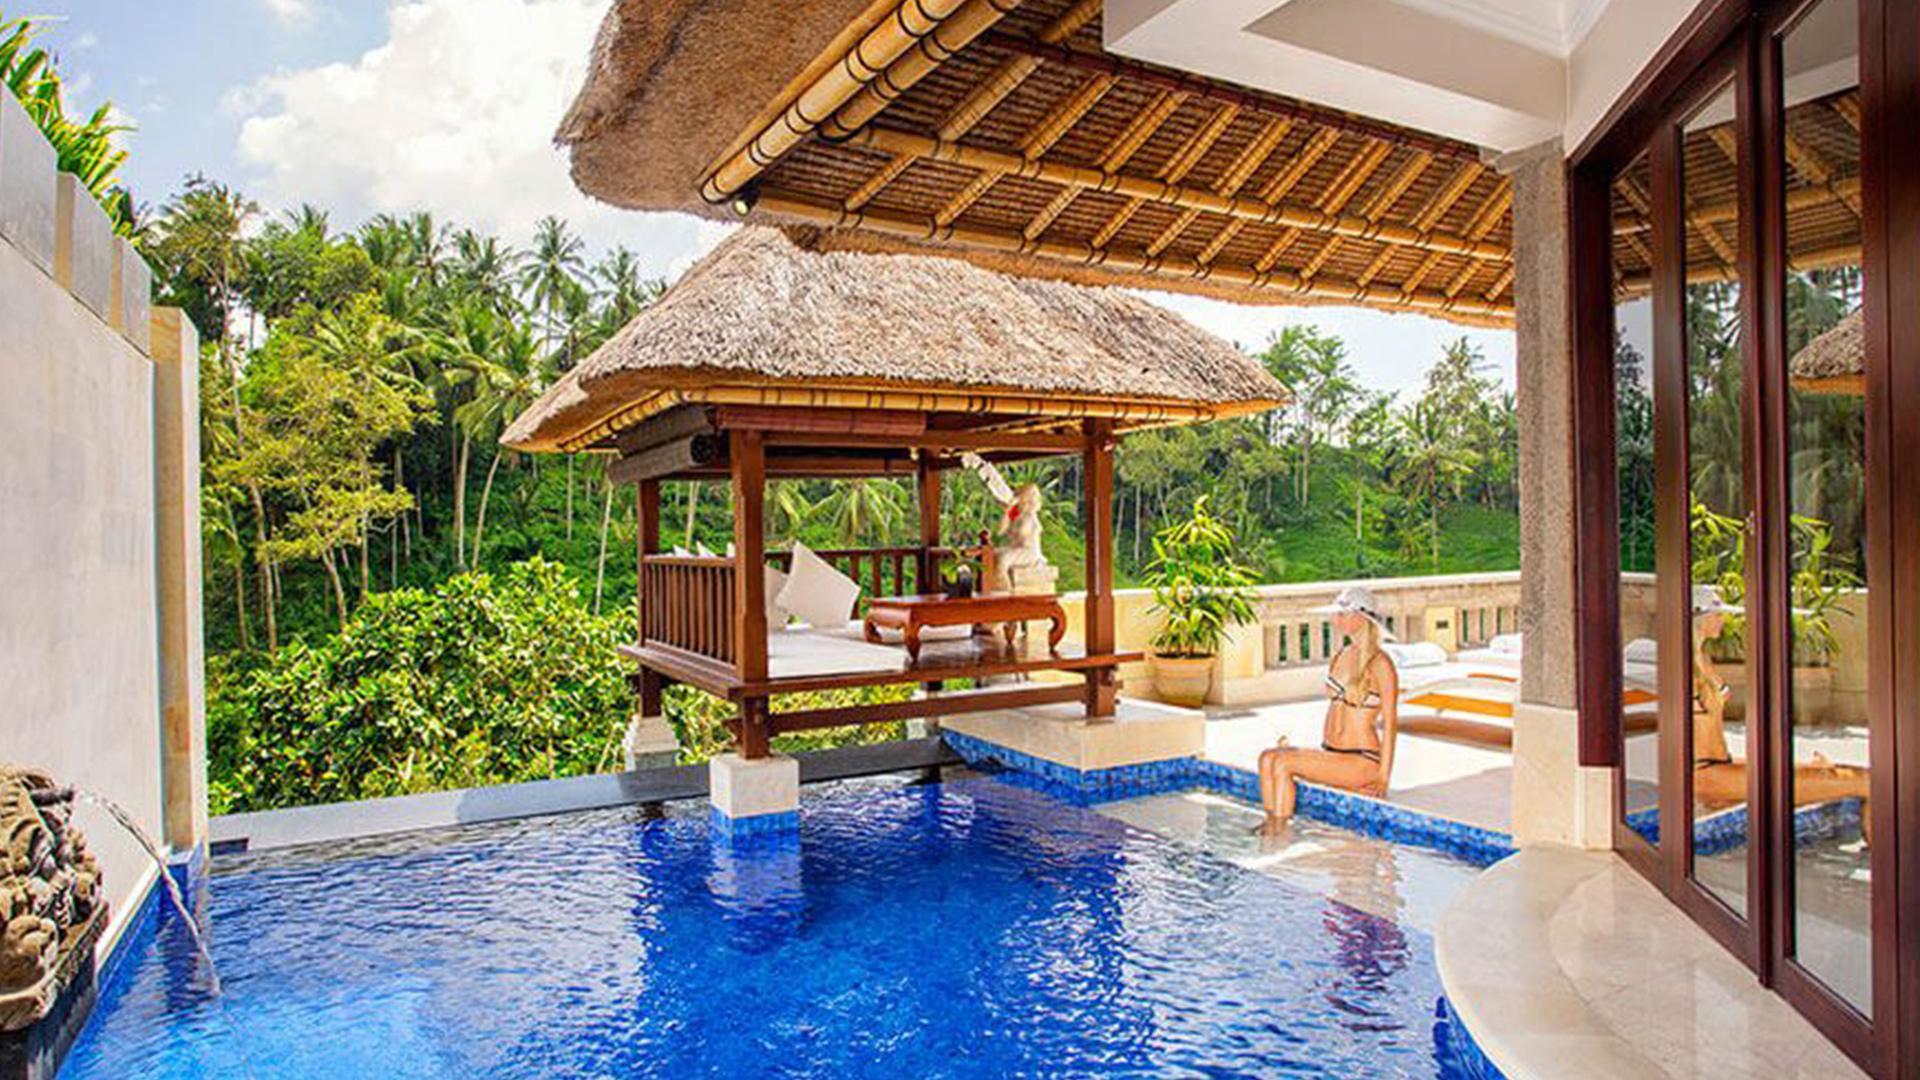 Terrace Villa image 1 at Viceroy Bali by Kabupaten Gianyar, Bali, Indonesia